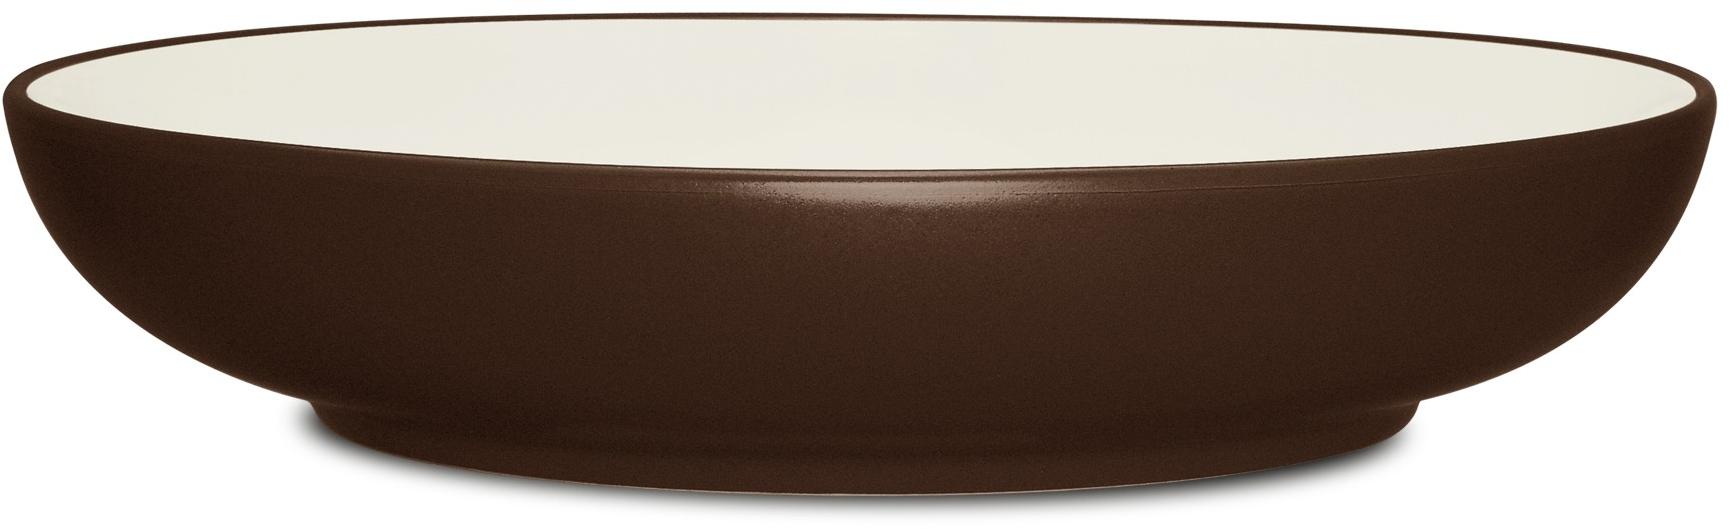 """Noritake Colorwave Chocolate Bowl—Pasta Serving, 12"""", 89 1/2 oz."""